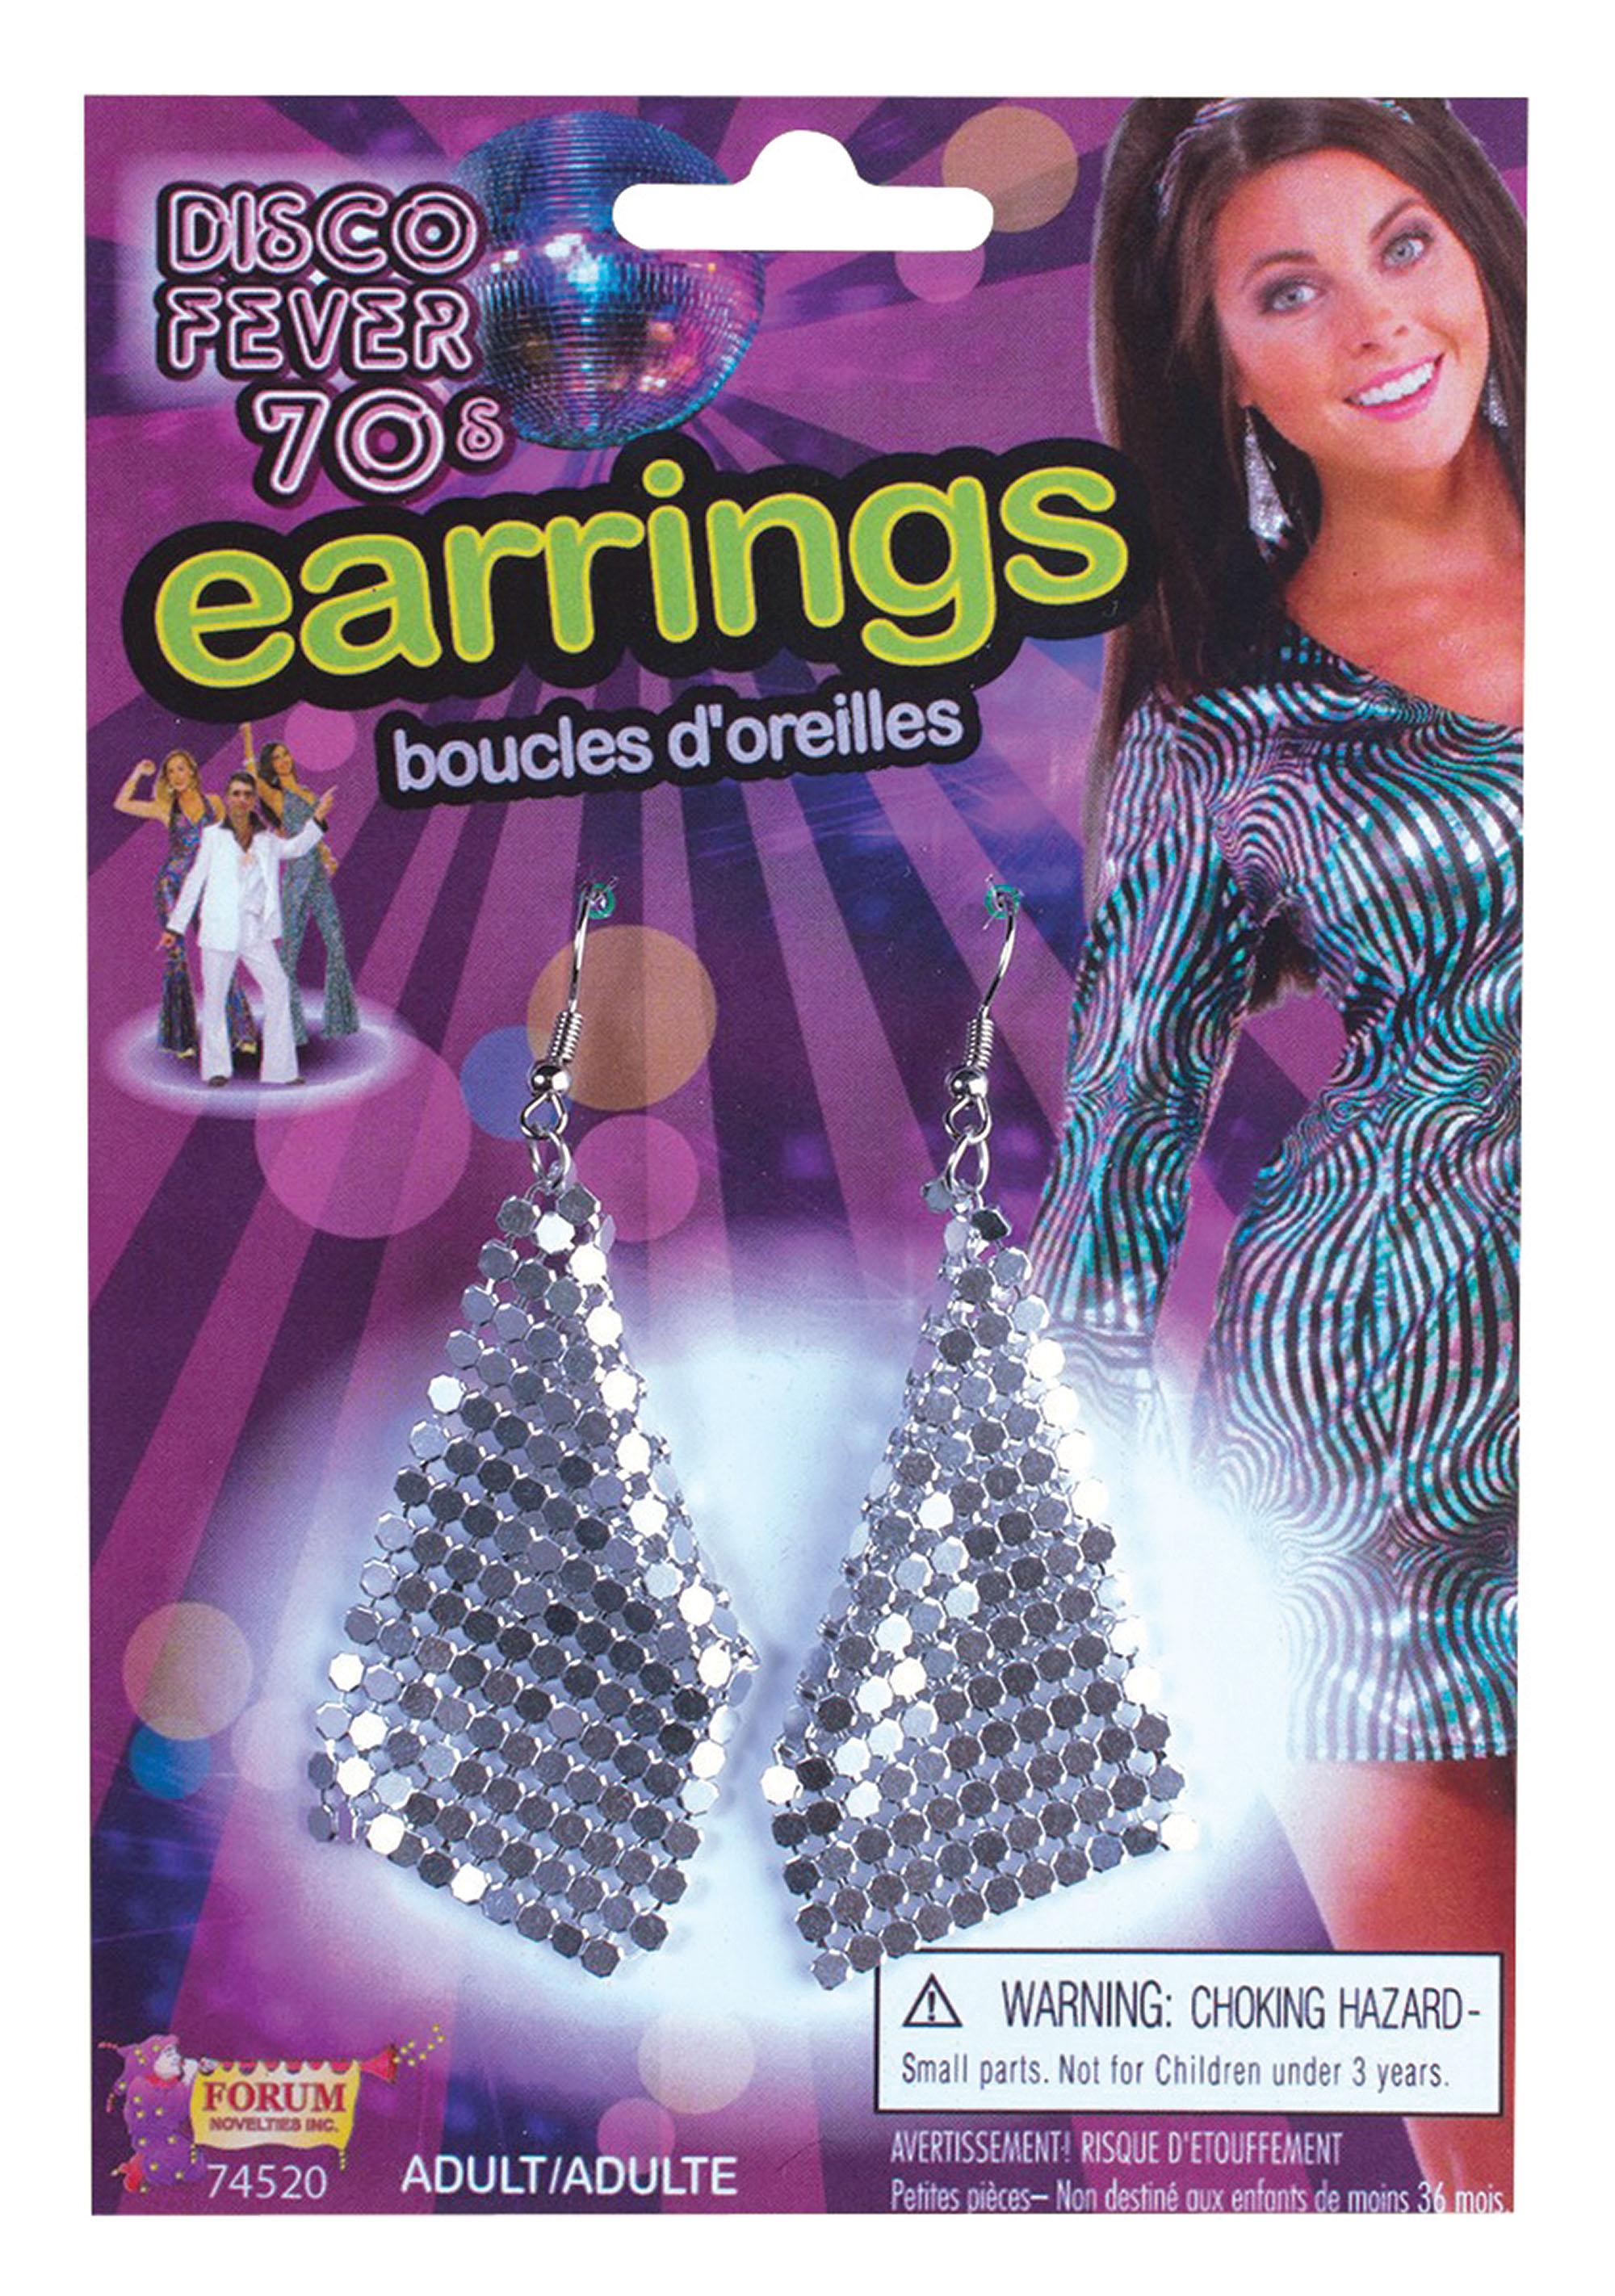 Diamond Earrings Jewellery Accessory for 80s Bling Fancy Dress